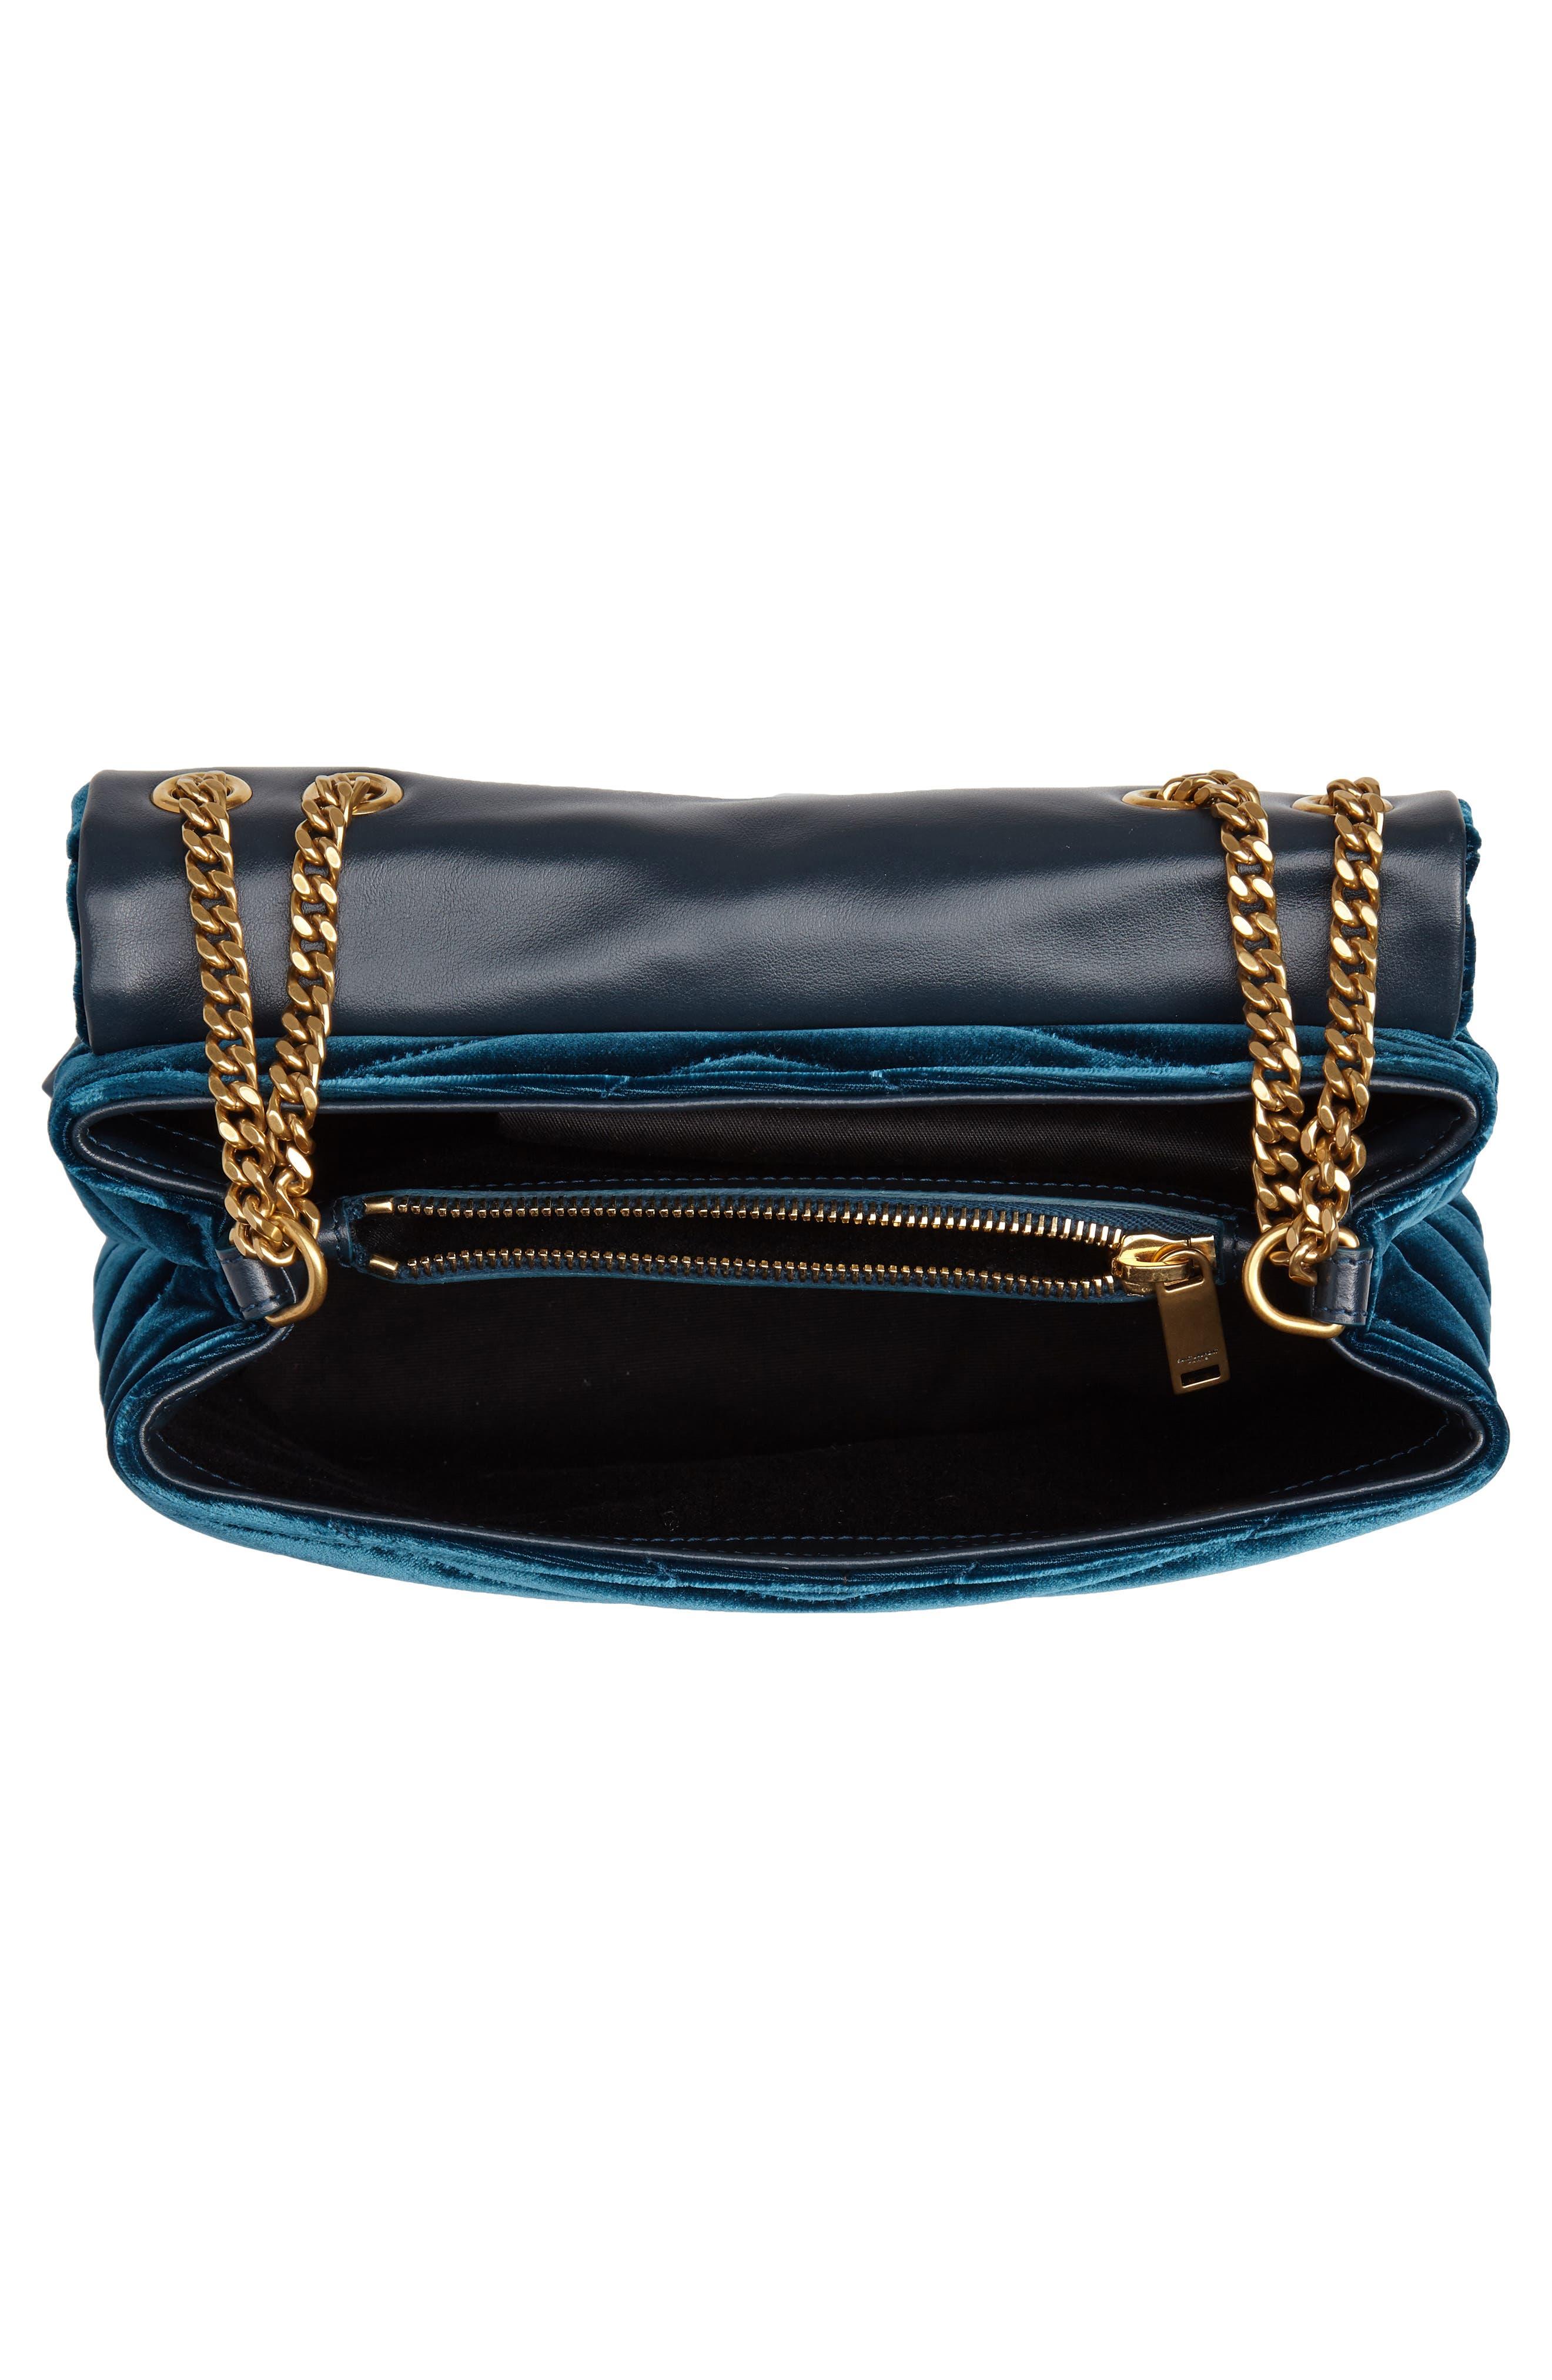 SAINT LAURENT,                             Small Loulou Matelassé Velour Shoulder Bag,                             Alternate thumbnail 4, color,                             DARK DEEP SEA/ DARK DEEP SEA